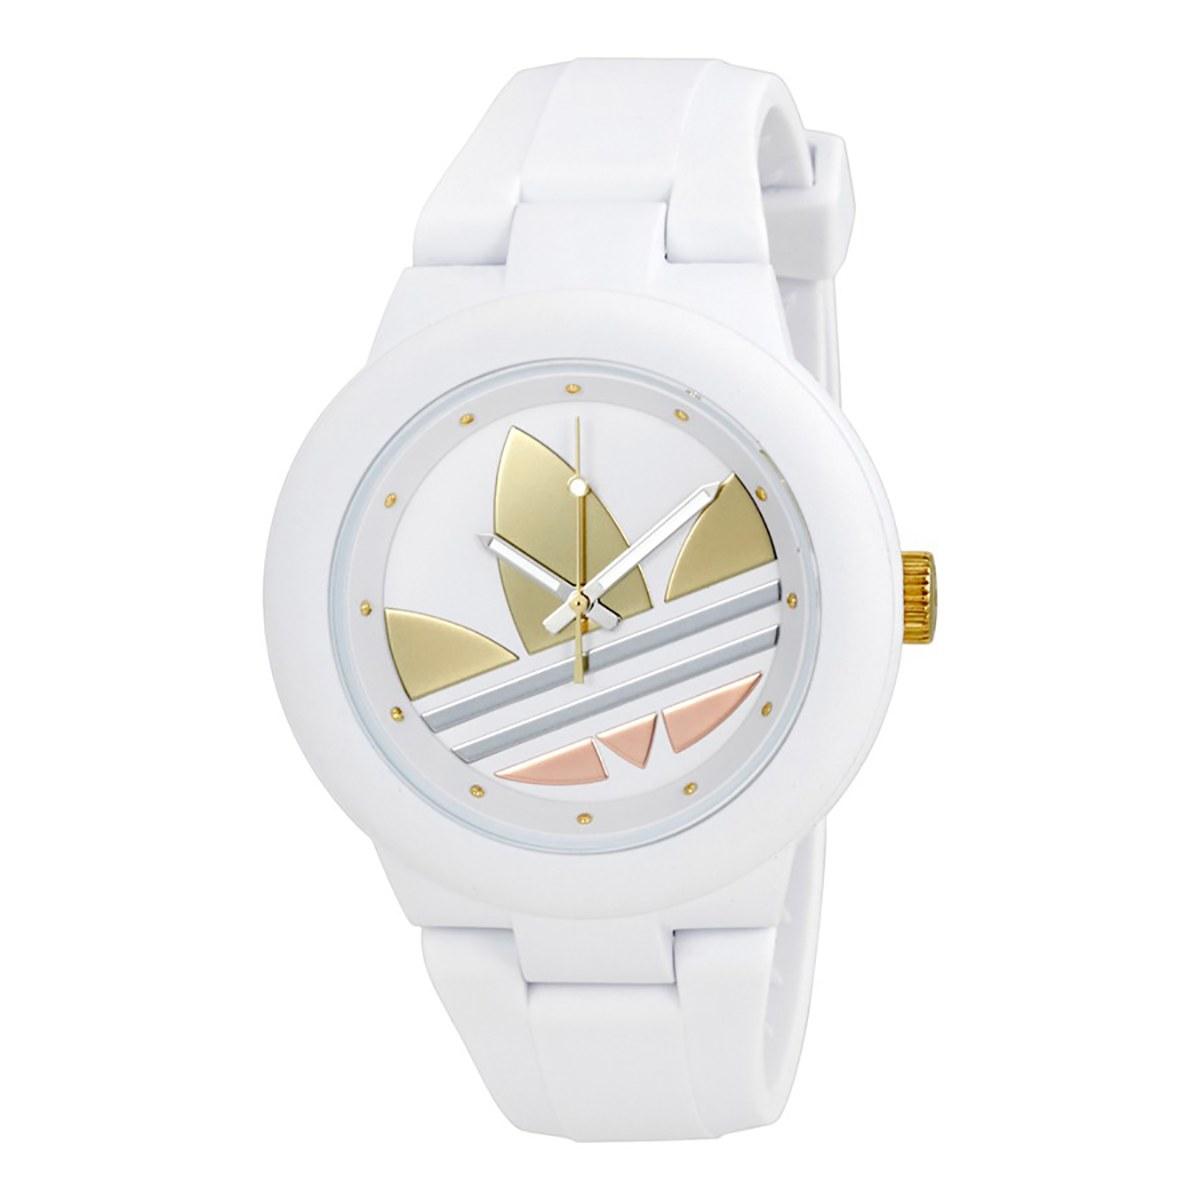 นาฬิกาผู้ชาย Adidas รุ่น ADH9083